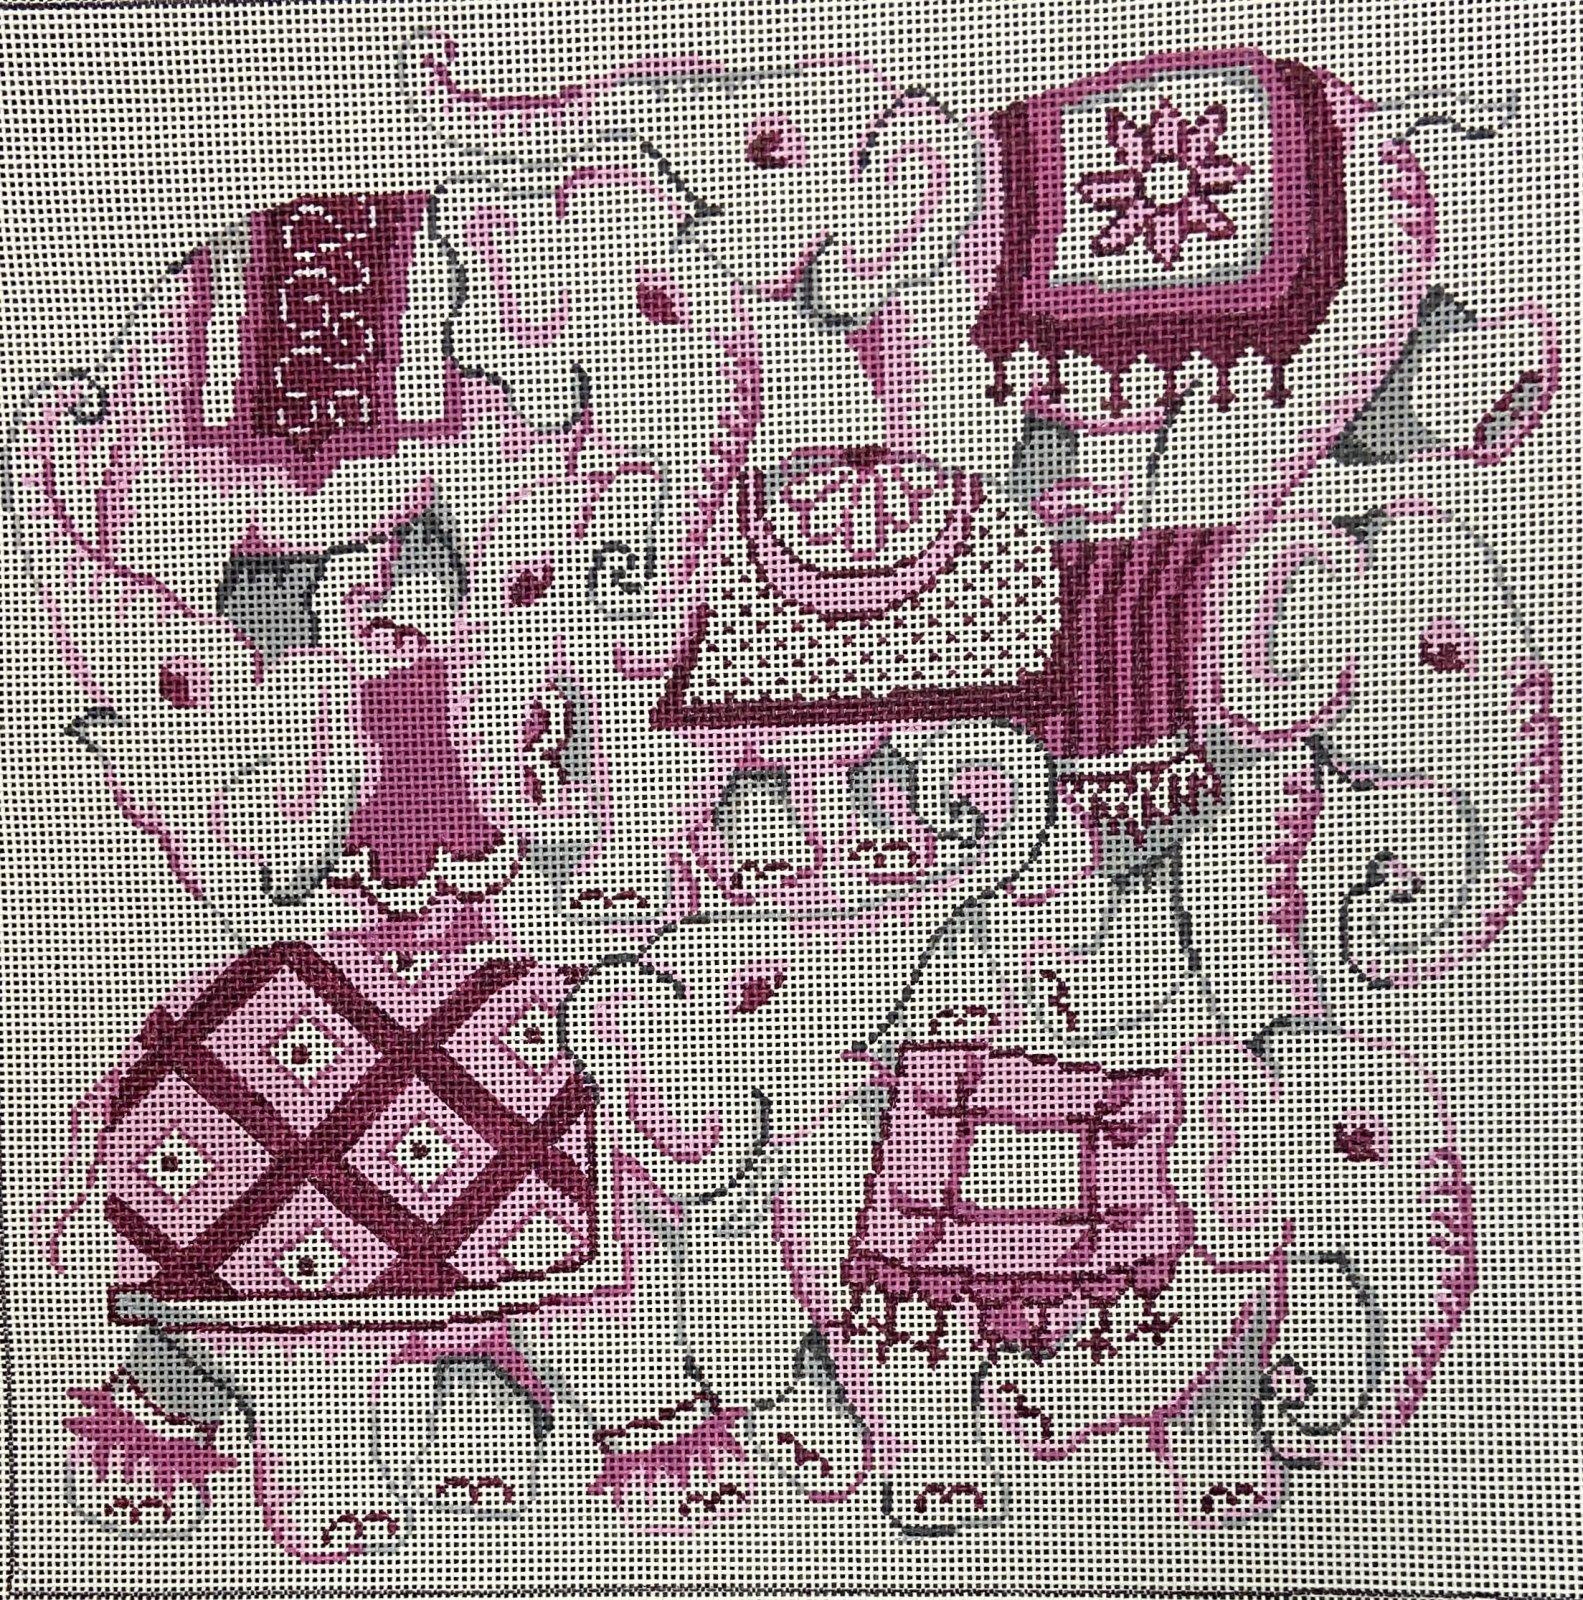 PM2511 A Pile of Pink Elephants Patti Mann